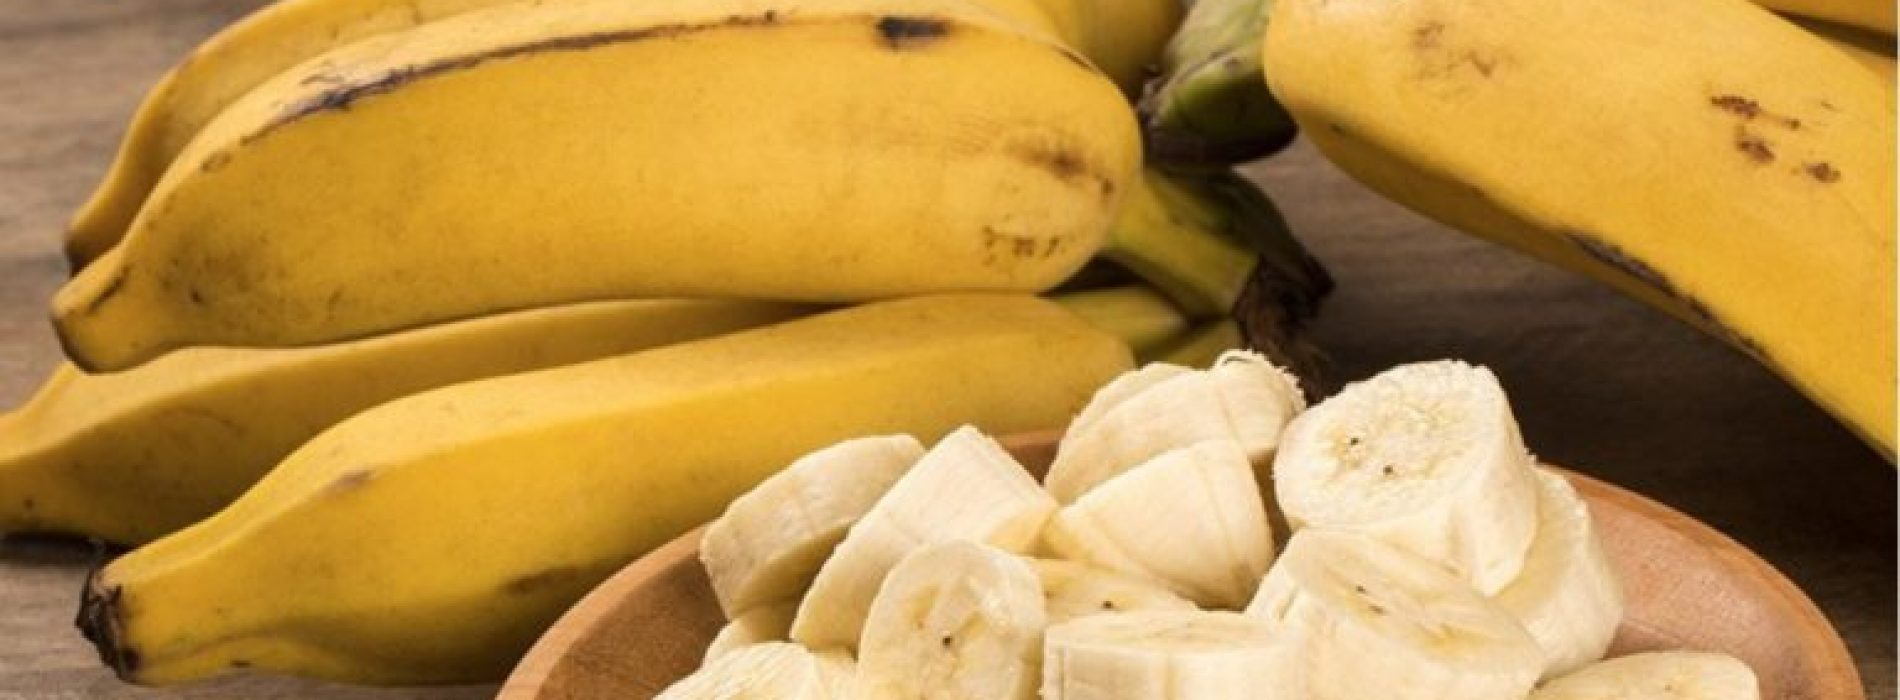 12 problemen die bananen beter kunnen oplossen dan pillen